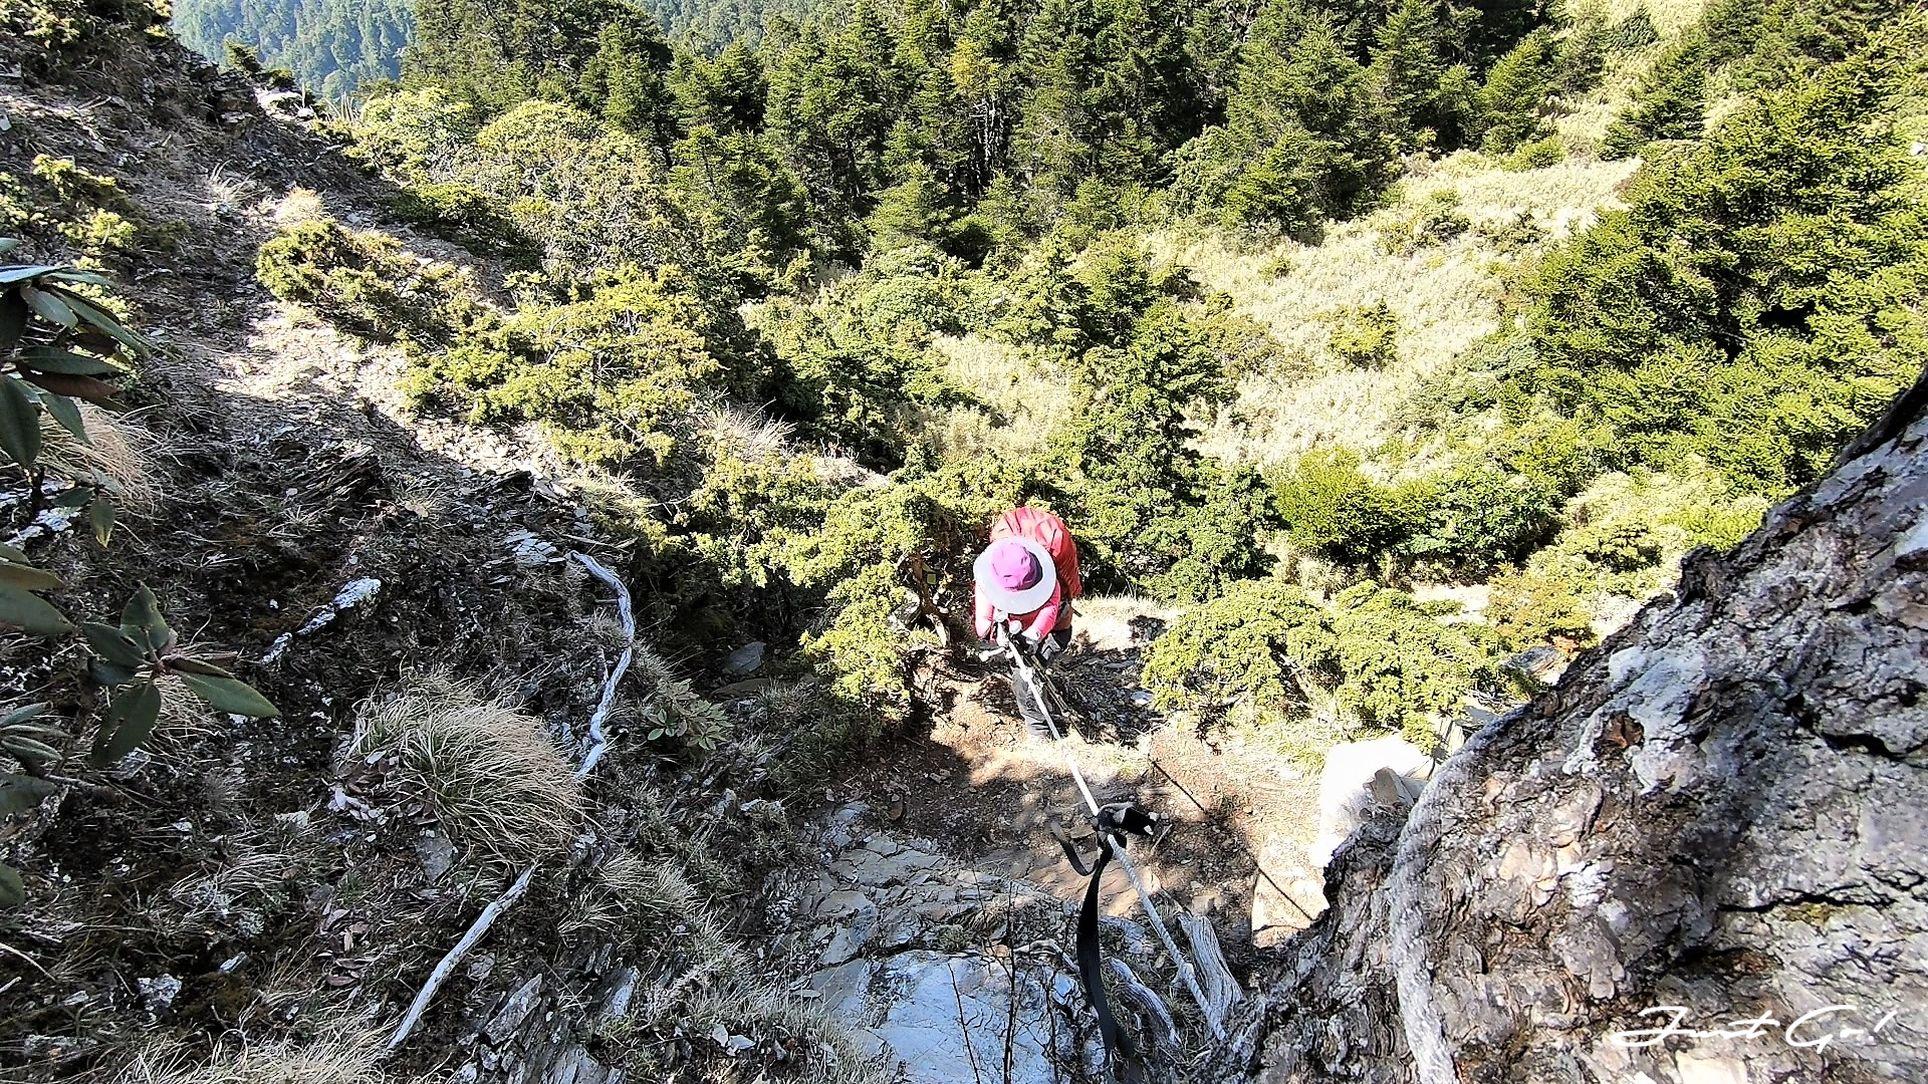 台灣 - 一日百岳·畢祿羊頭縱走單攻紀錄- gpx路線、申請、接駁及遊記28